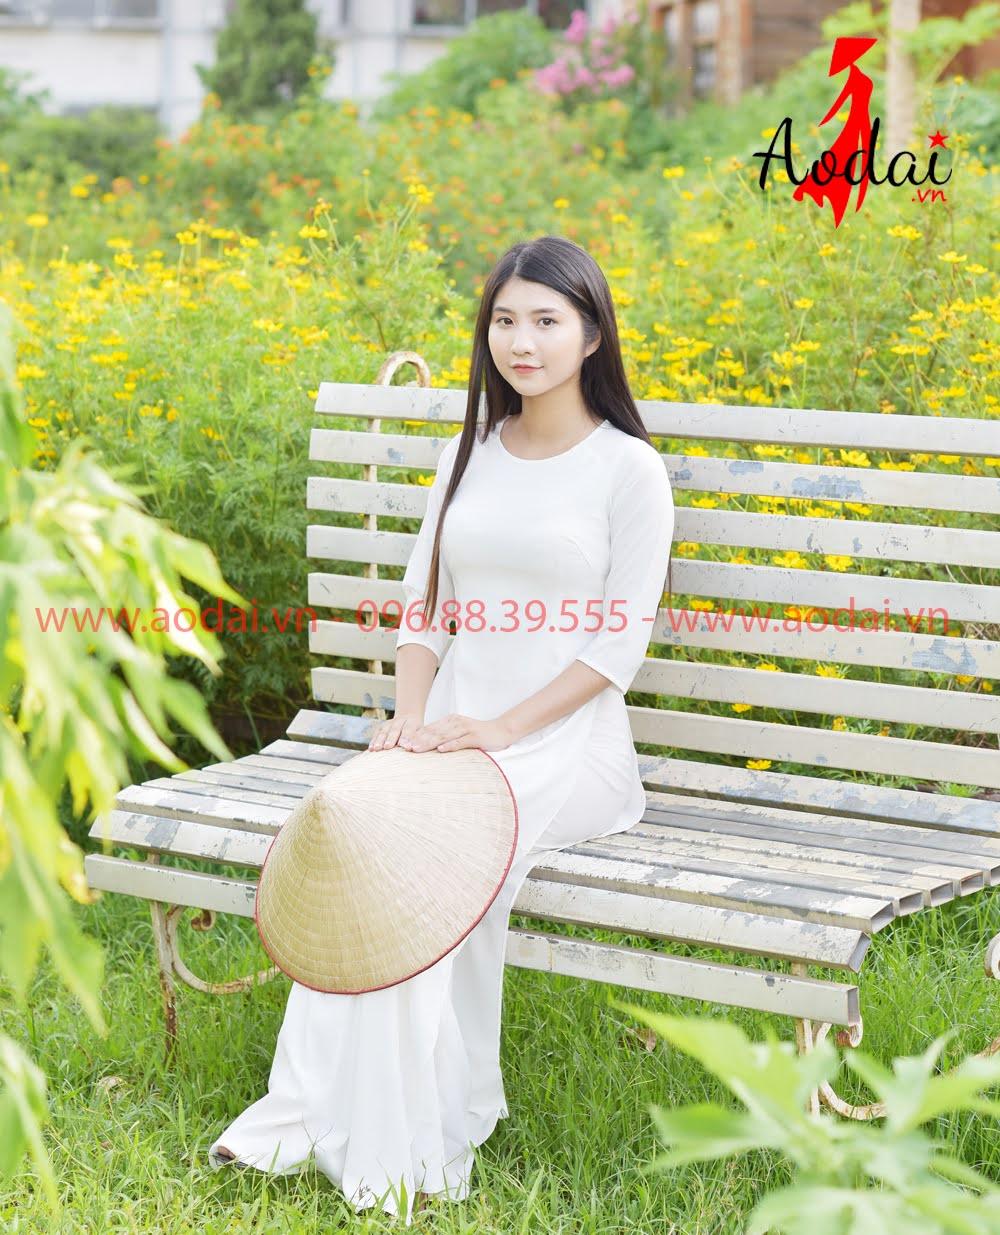 In áo dài tại Nghệ An